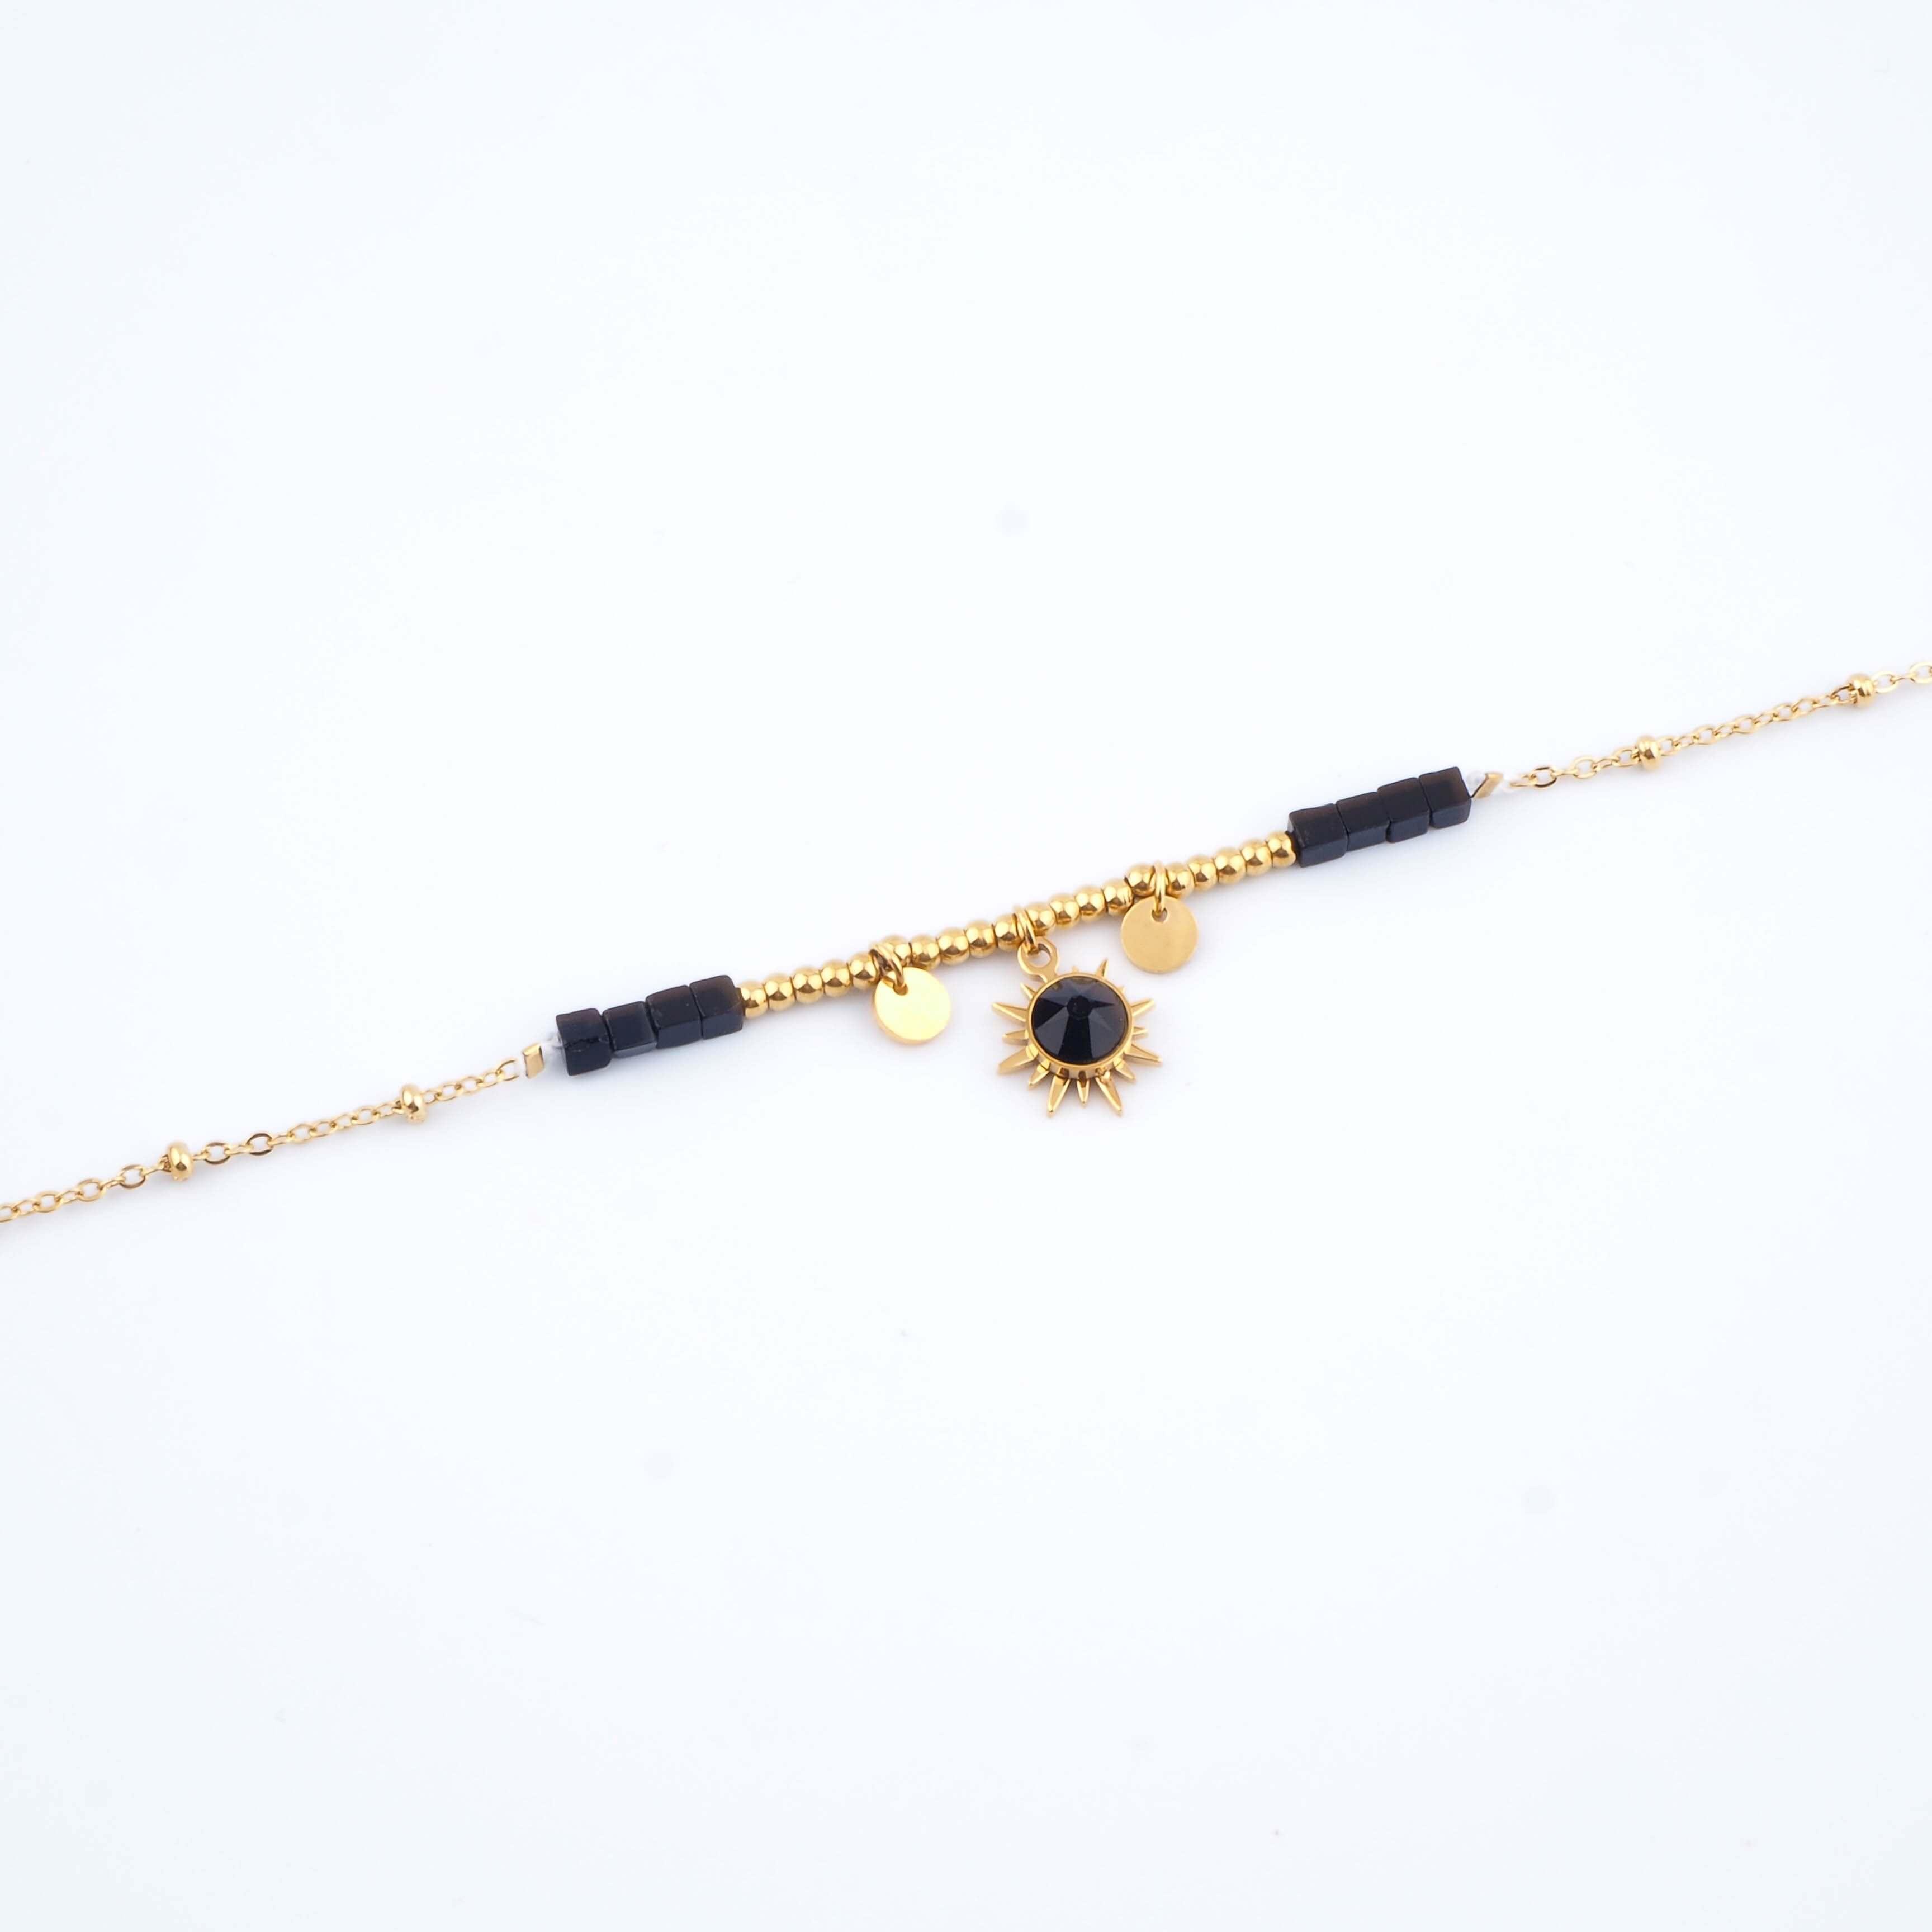 Bracelet Chloénis noir - Bohm Paris